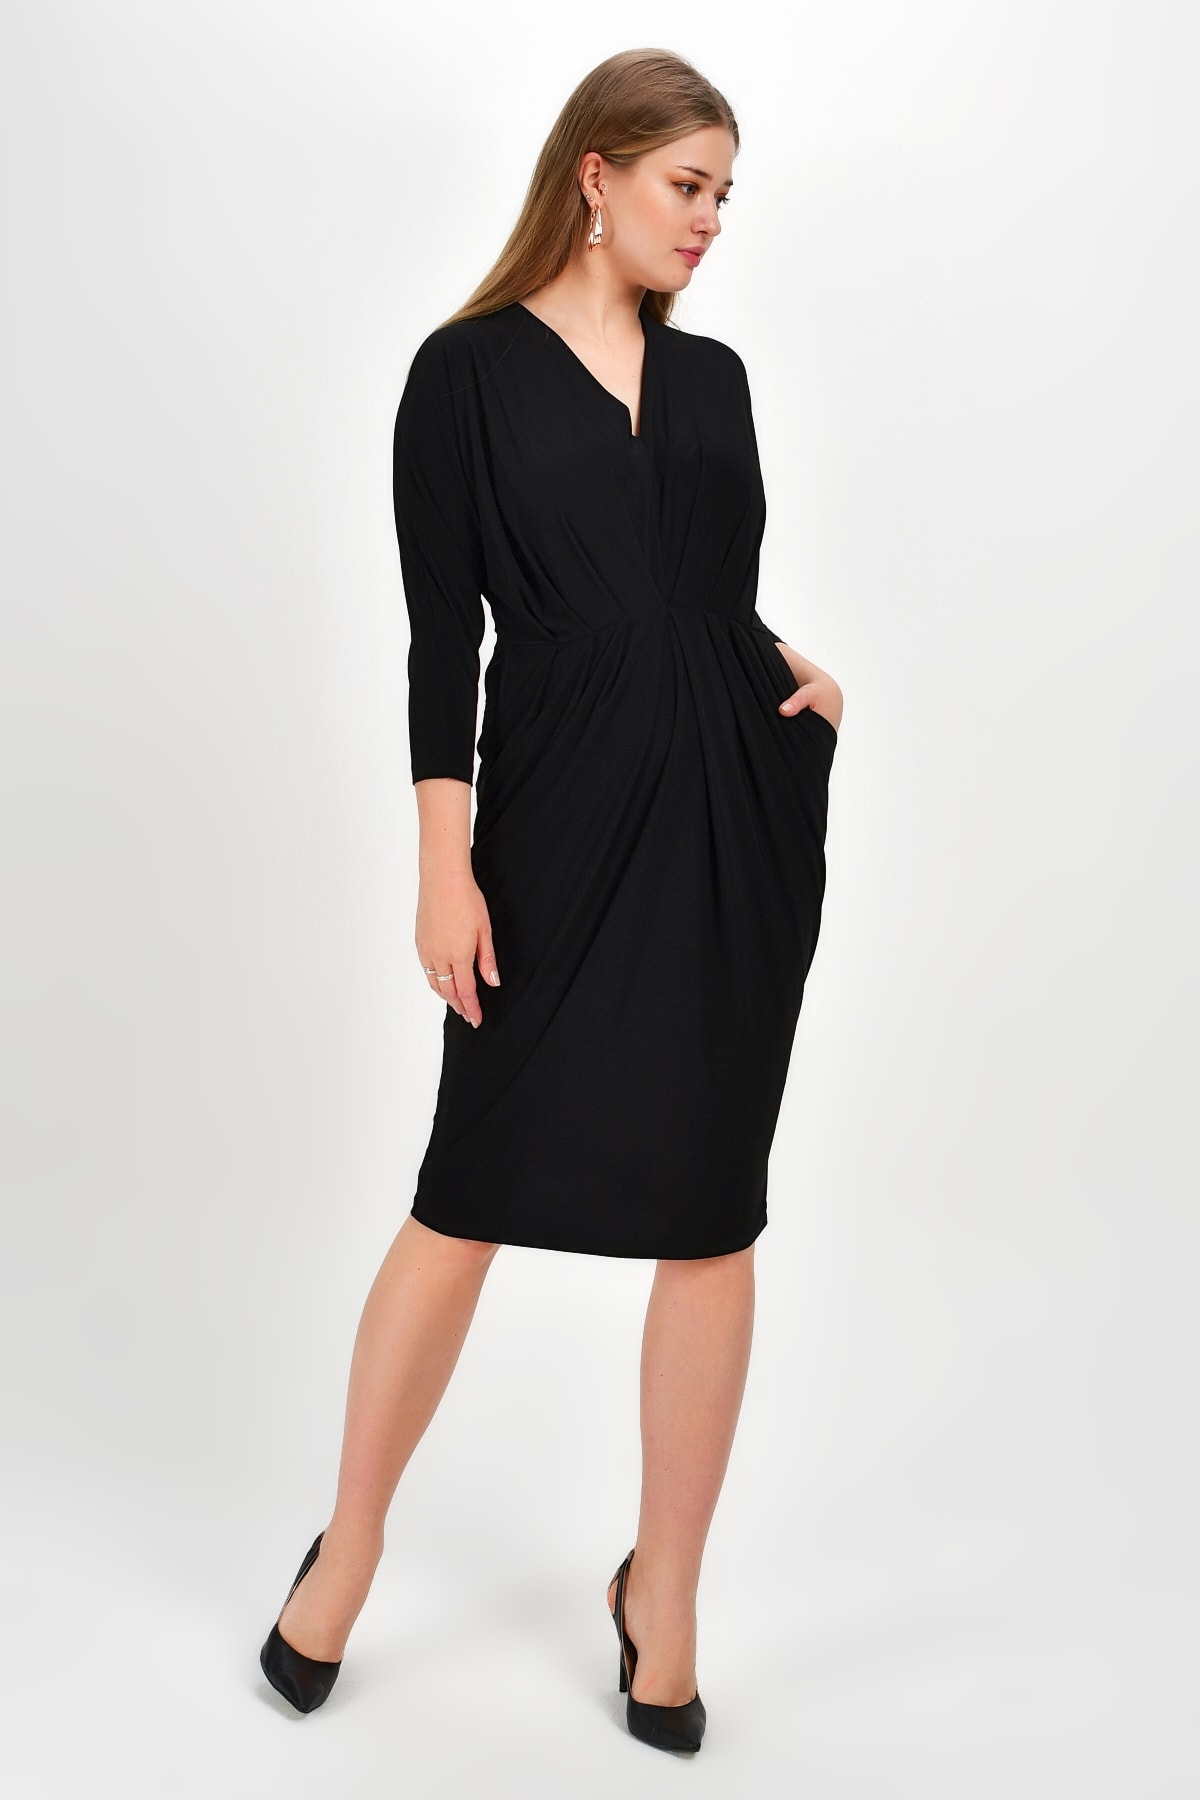 Laranor Kadın Siyah Pili Ve Cep Detay Elbise 19Lb9203